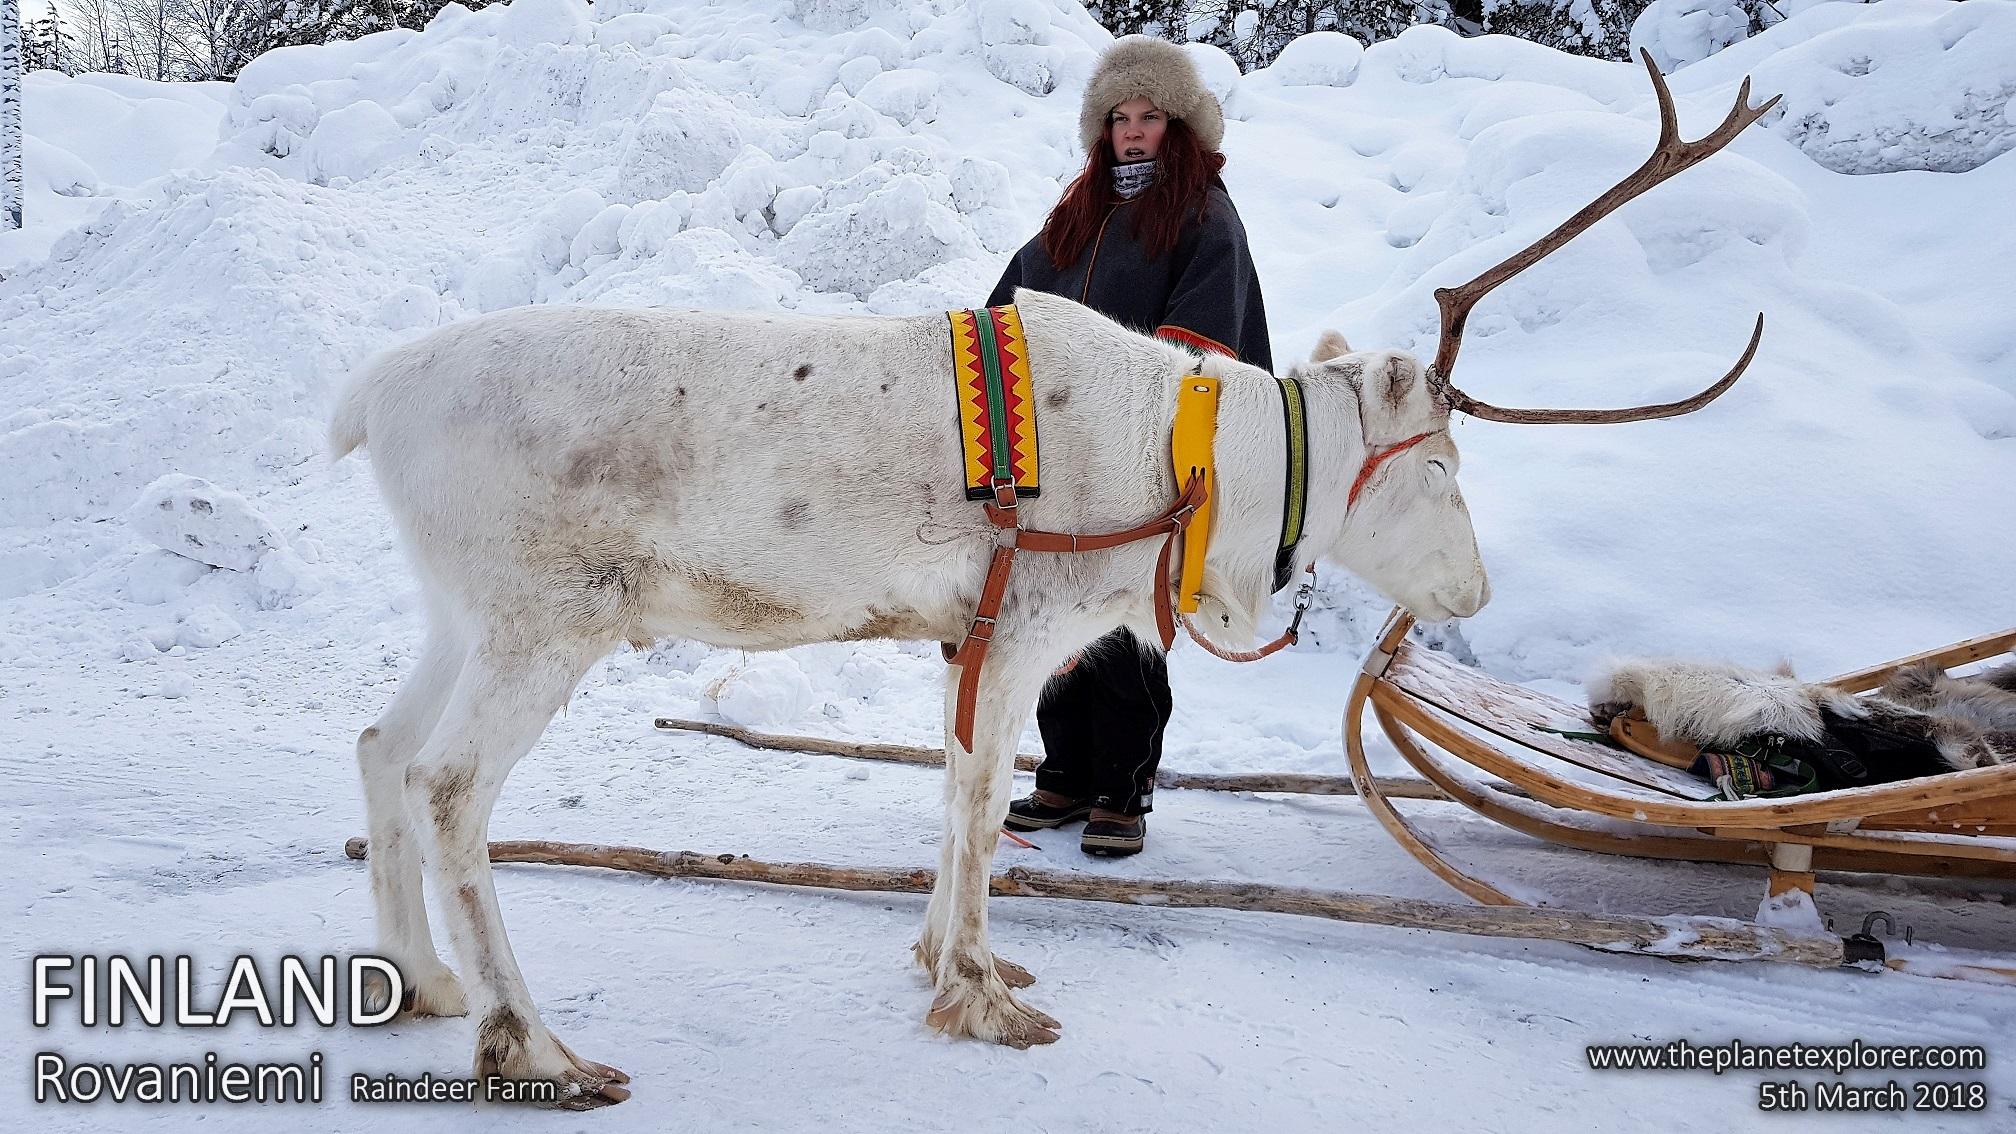 10180305_1110_Finland_Rovaniemi_Raindeer Farm_Raindeer_Samsung Note 8_LR_@www